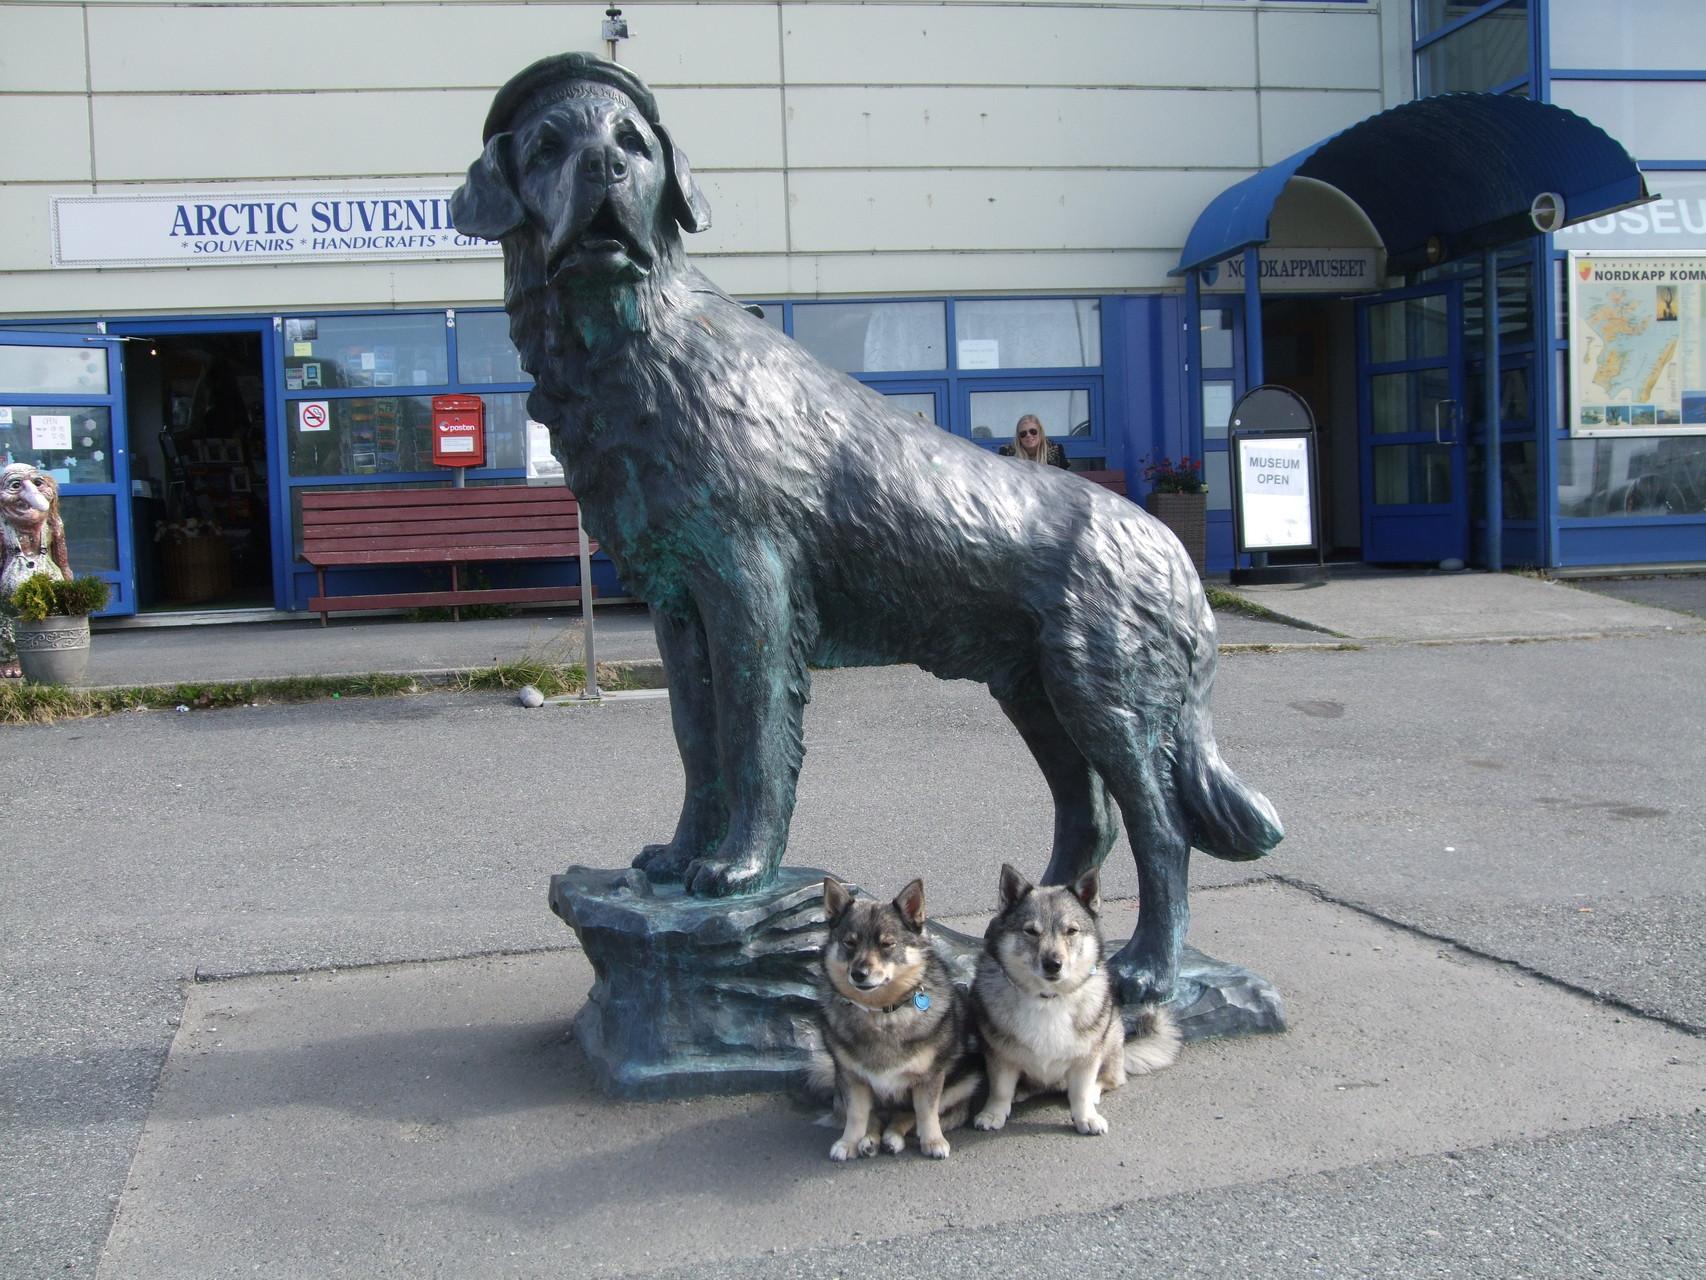 De zussen hebben veel gezien van Europa. Hier poseren ze bij het standbeeld van Bamse in Honningsvåg, in de buurt van de Noordkaap